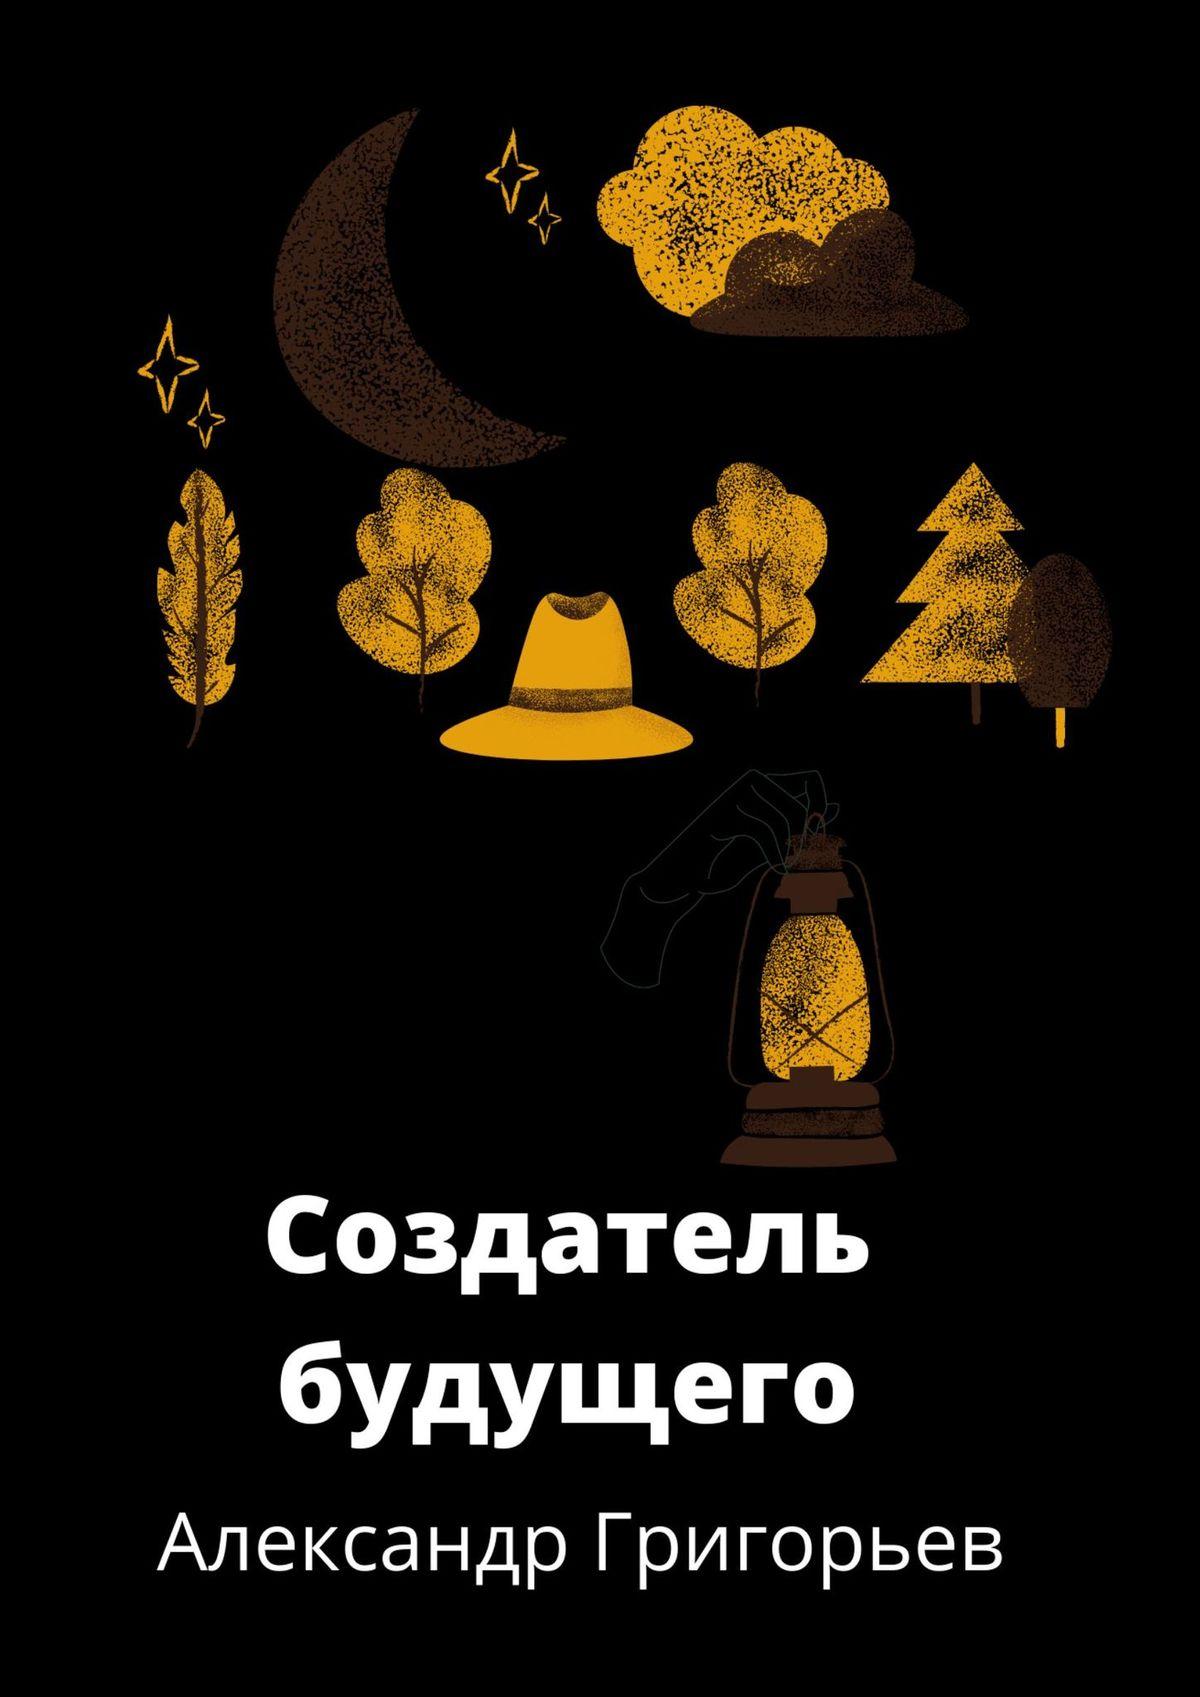 Александр Григорьев Создатель Будущего александр григорьев волшебныйлес сказка